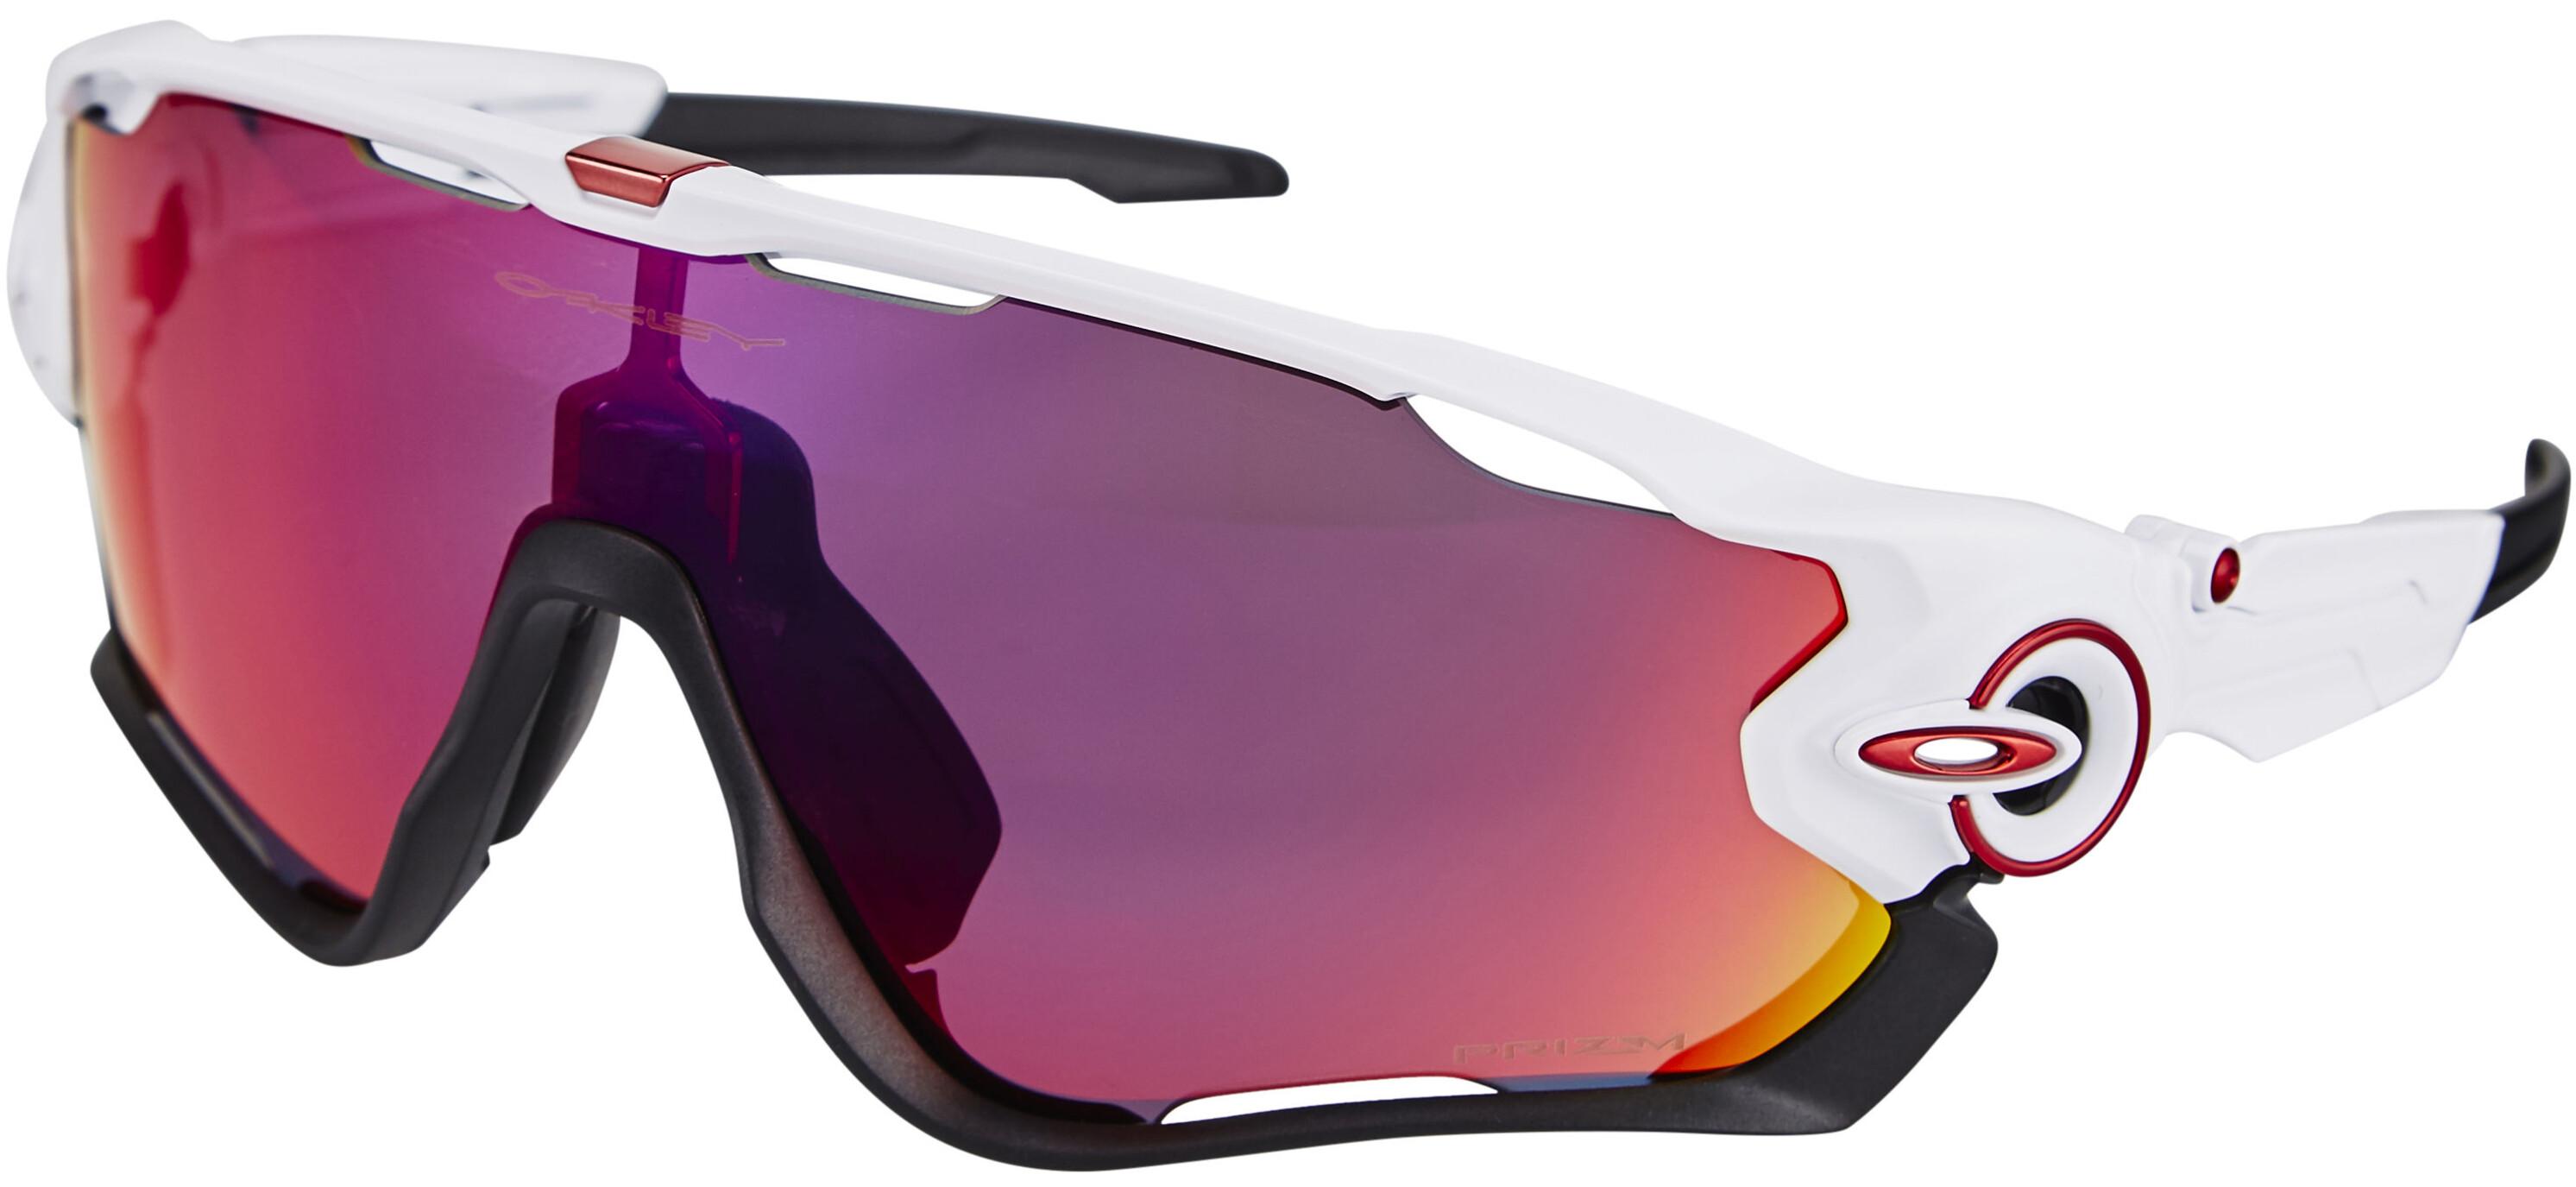 Oakley Jawbreaker - Gafas ciclismo - blanco | Bikester.es